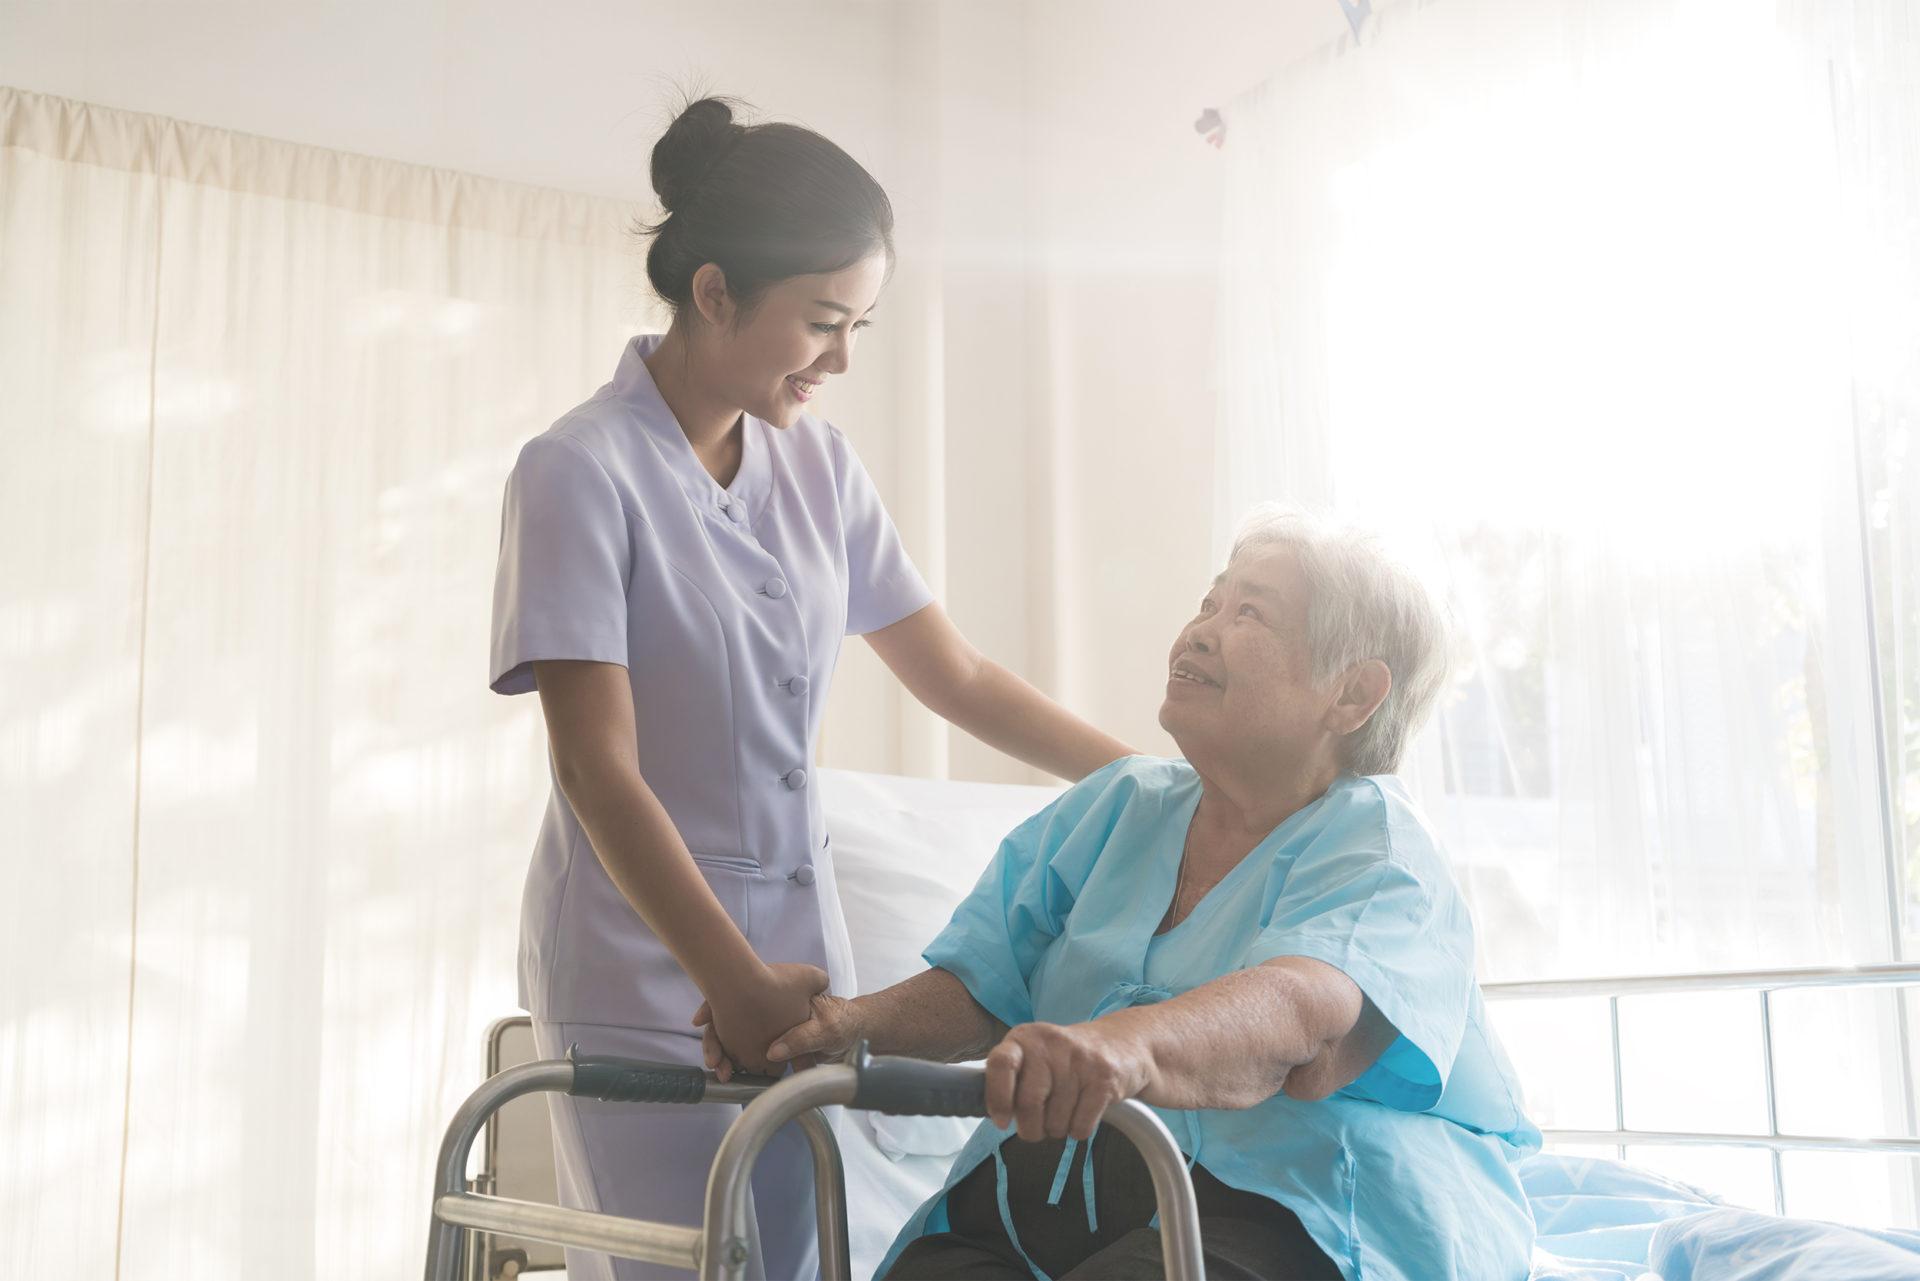 特定技能「介護」が人気の理由とは?他の在留資格との比較